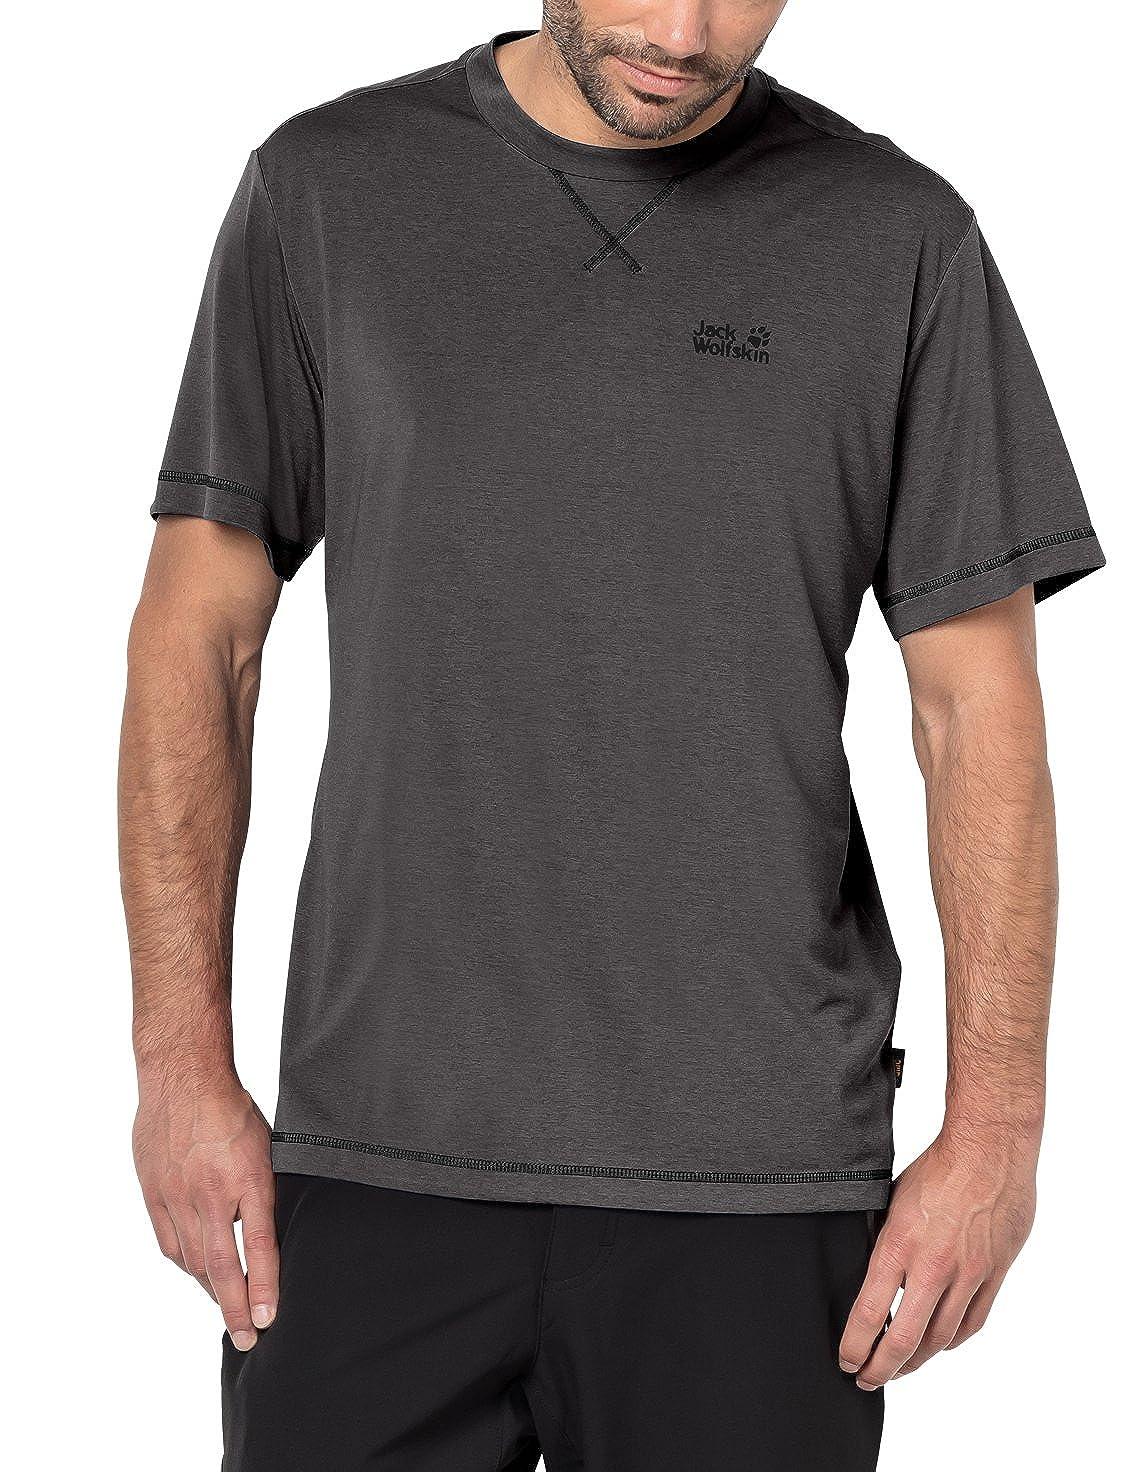 gris foncé L Jack Wolfskin Crosstrail T T-Shirt Fonctionnel pour Homme